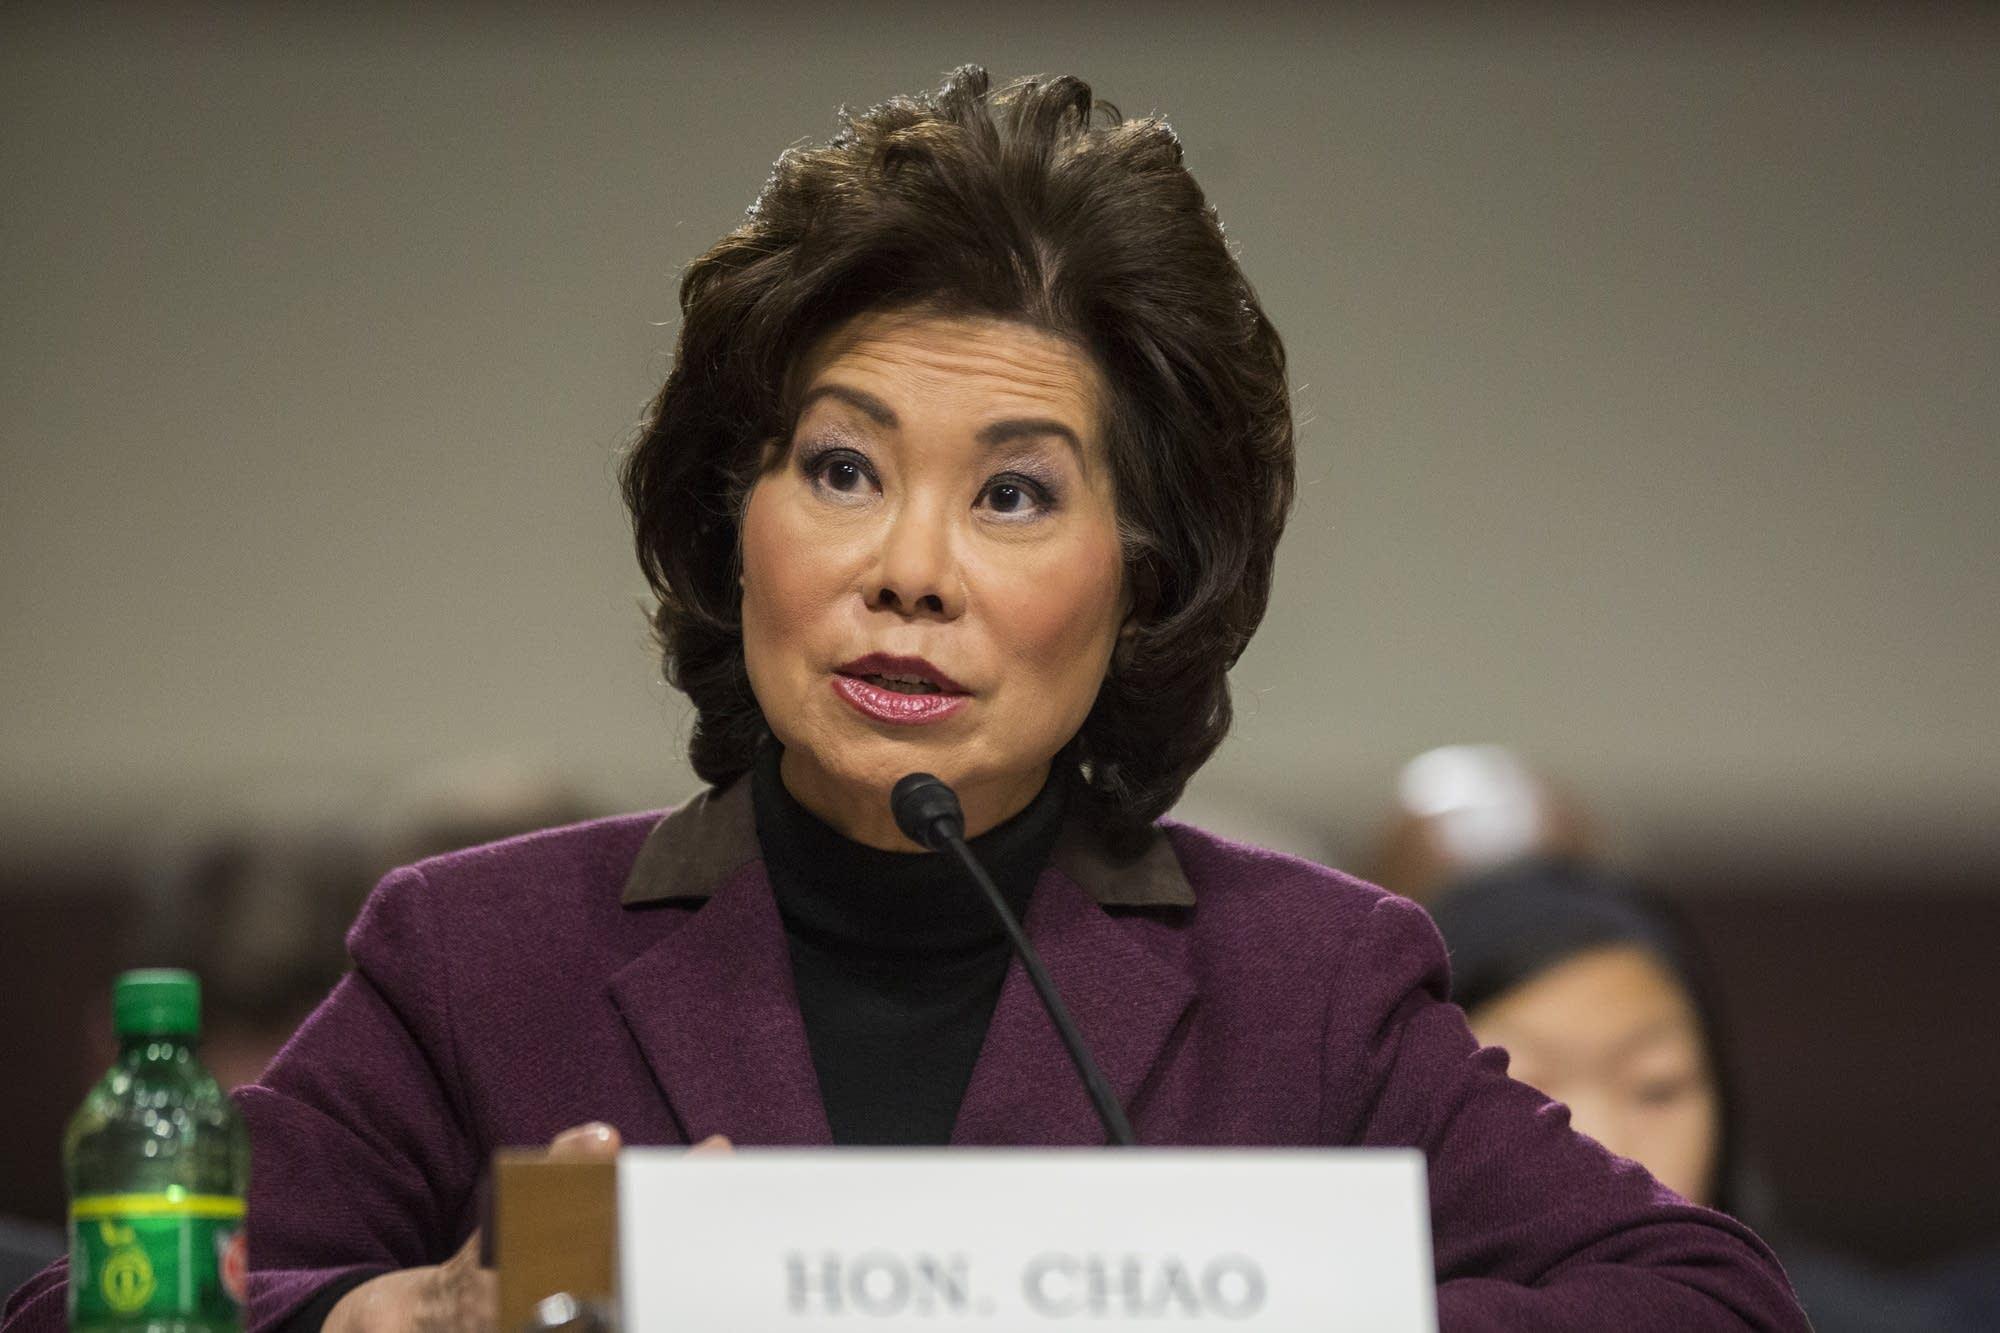 Transportation Secretary-designate Elaine Chao